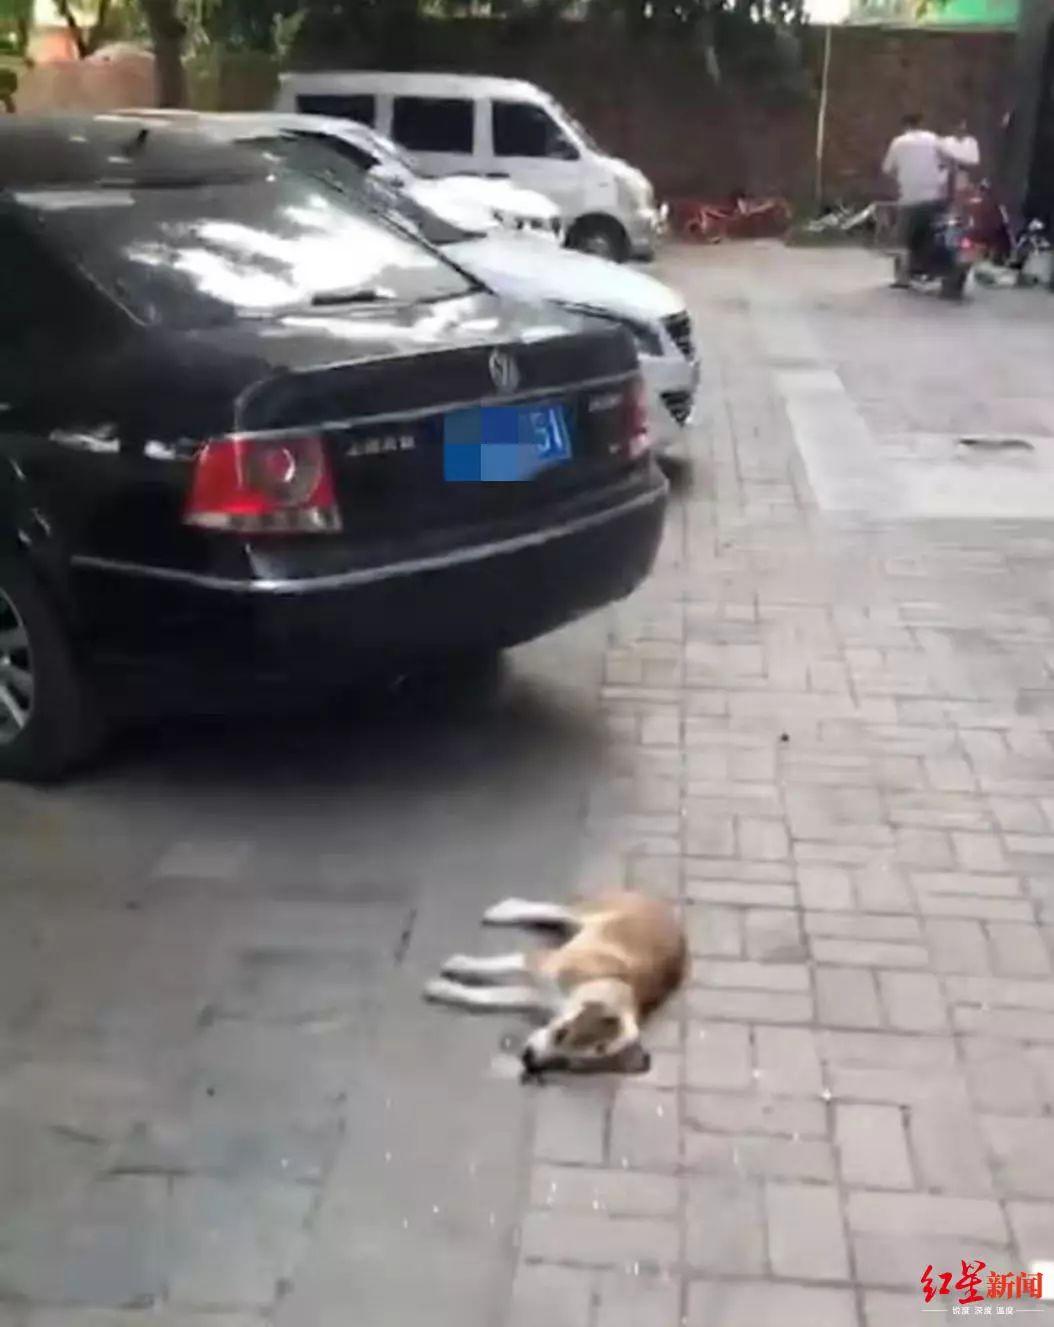 高空坠狗砸坏轿车,维修费五千八谁付?物业:流浪狗自己跳的